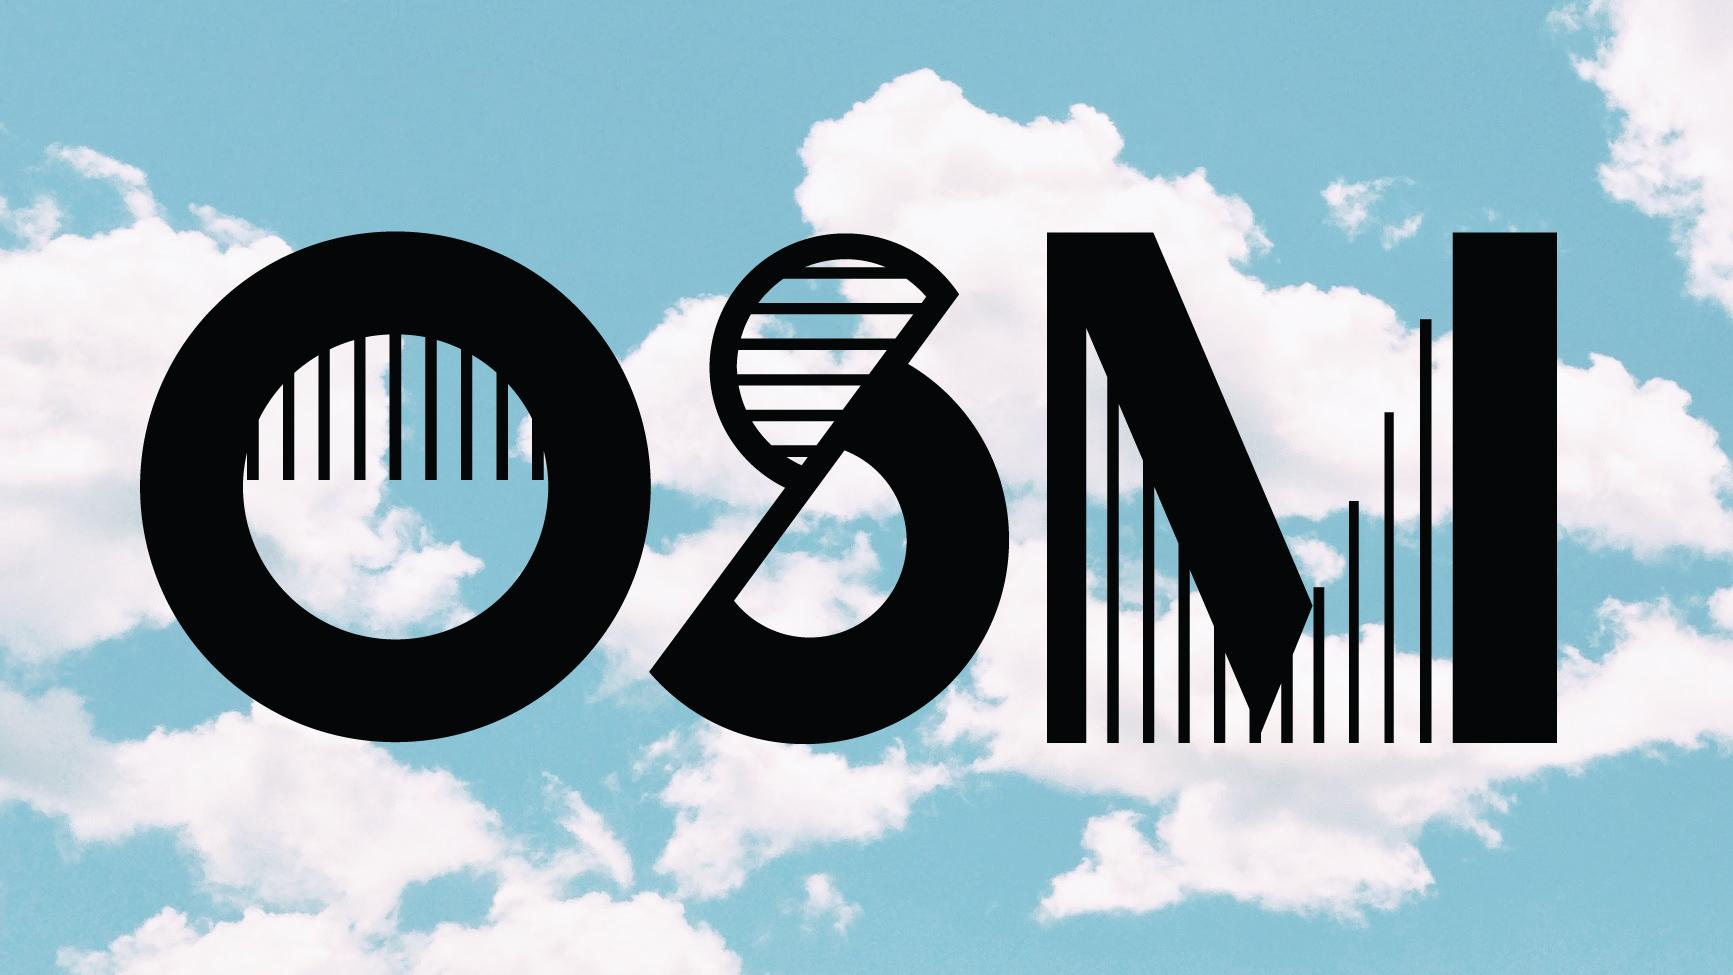 OSM 16-9 Banner Image.jpg